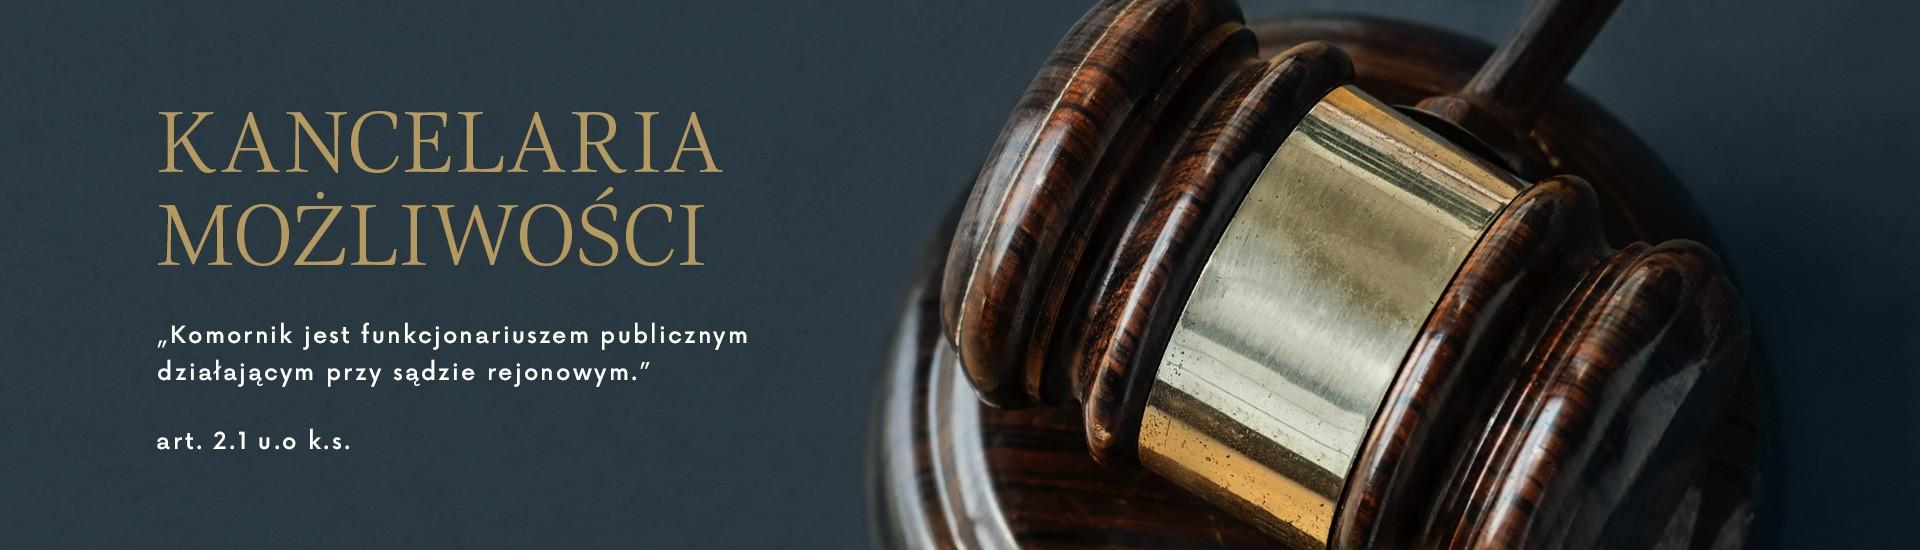 Komornik Bieszkowice | Komornik Sądowy przy Sądzie Rejonowym Wejherowo - w Wejherowie